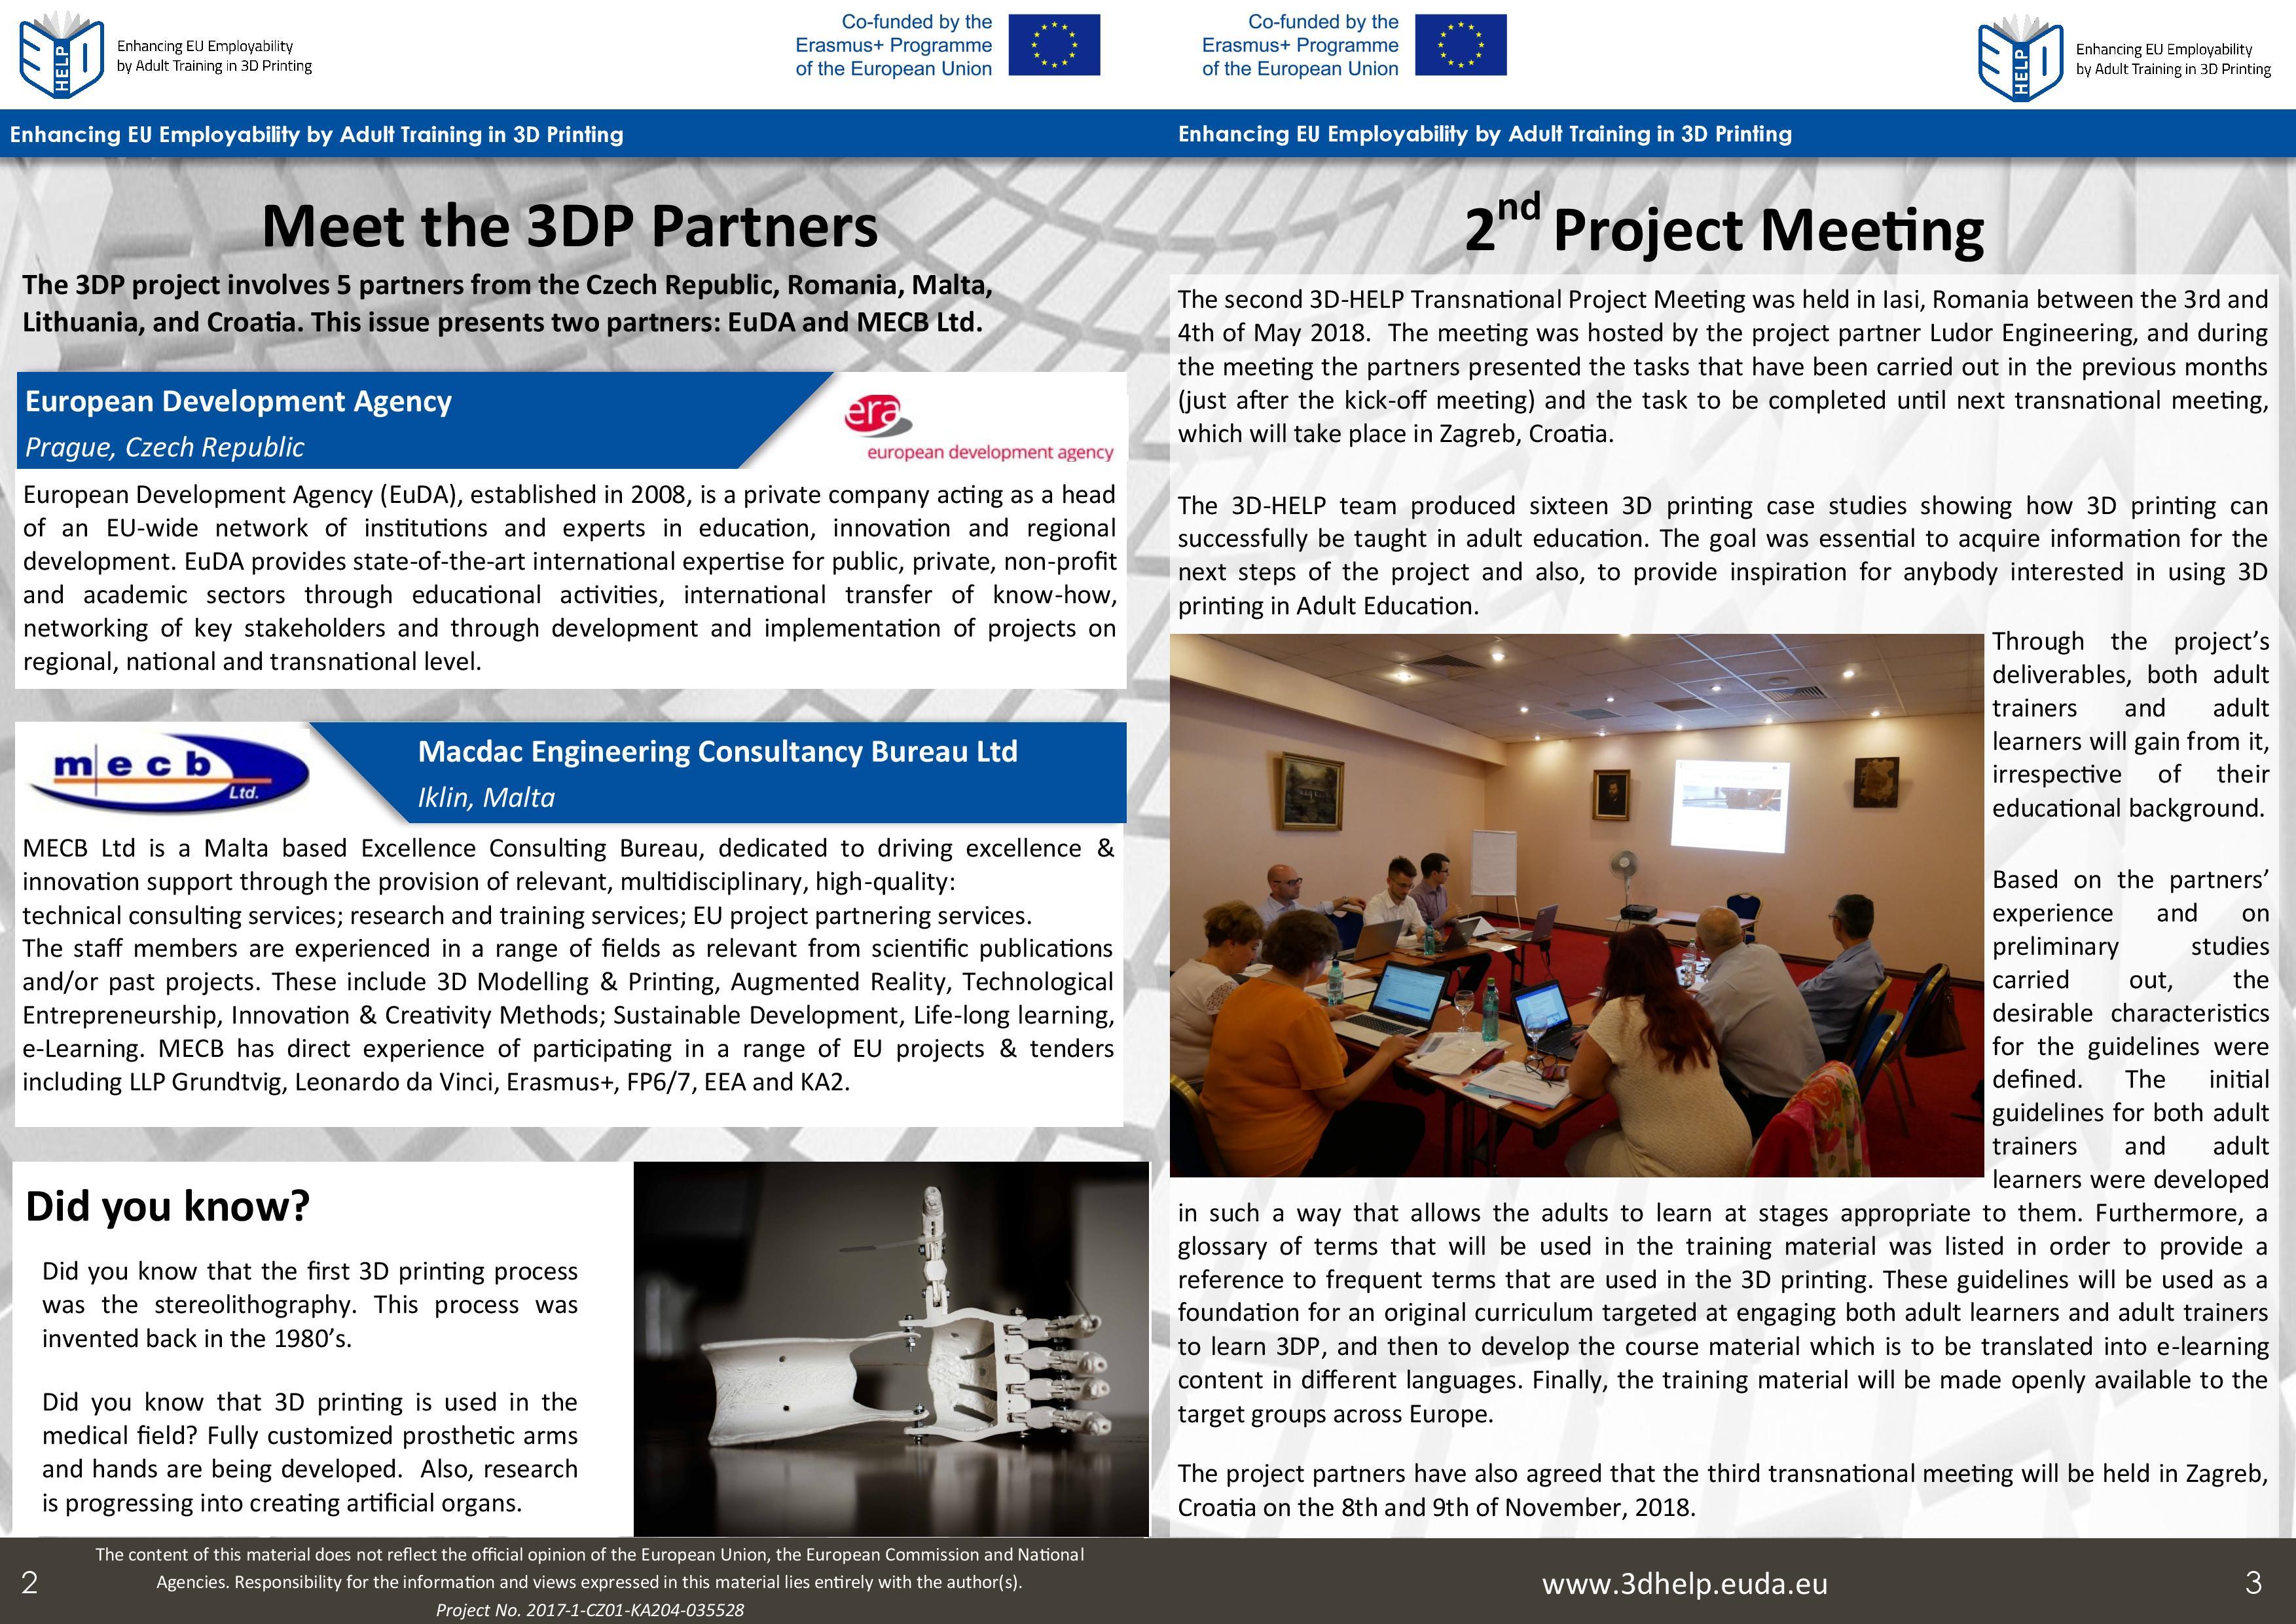 Team Newsletter Template from euda.eu